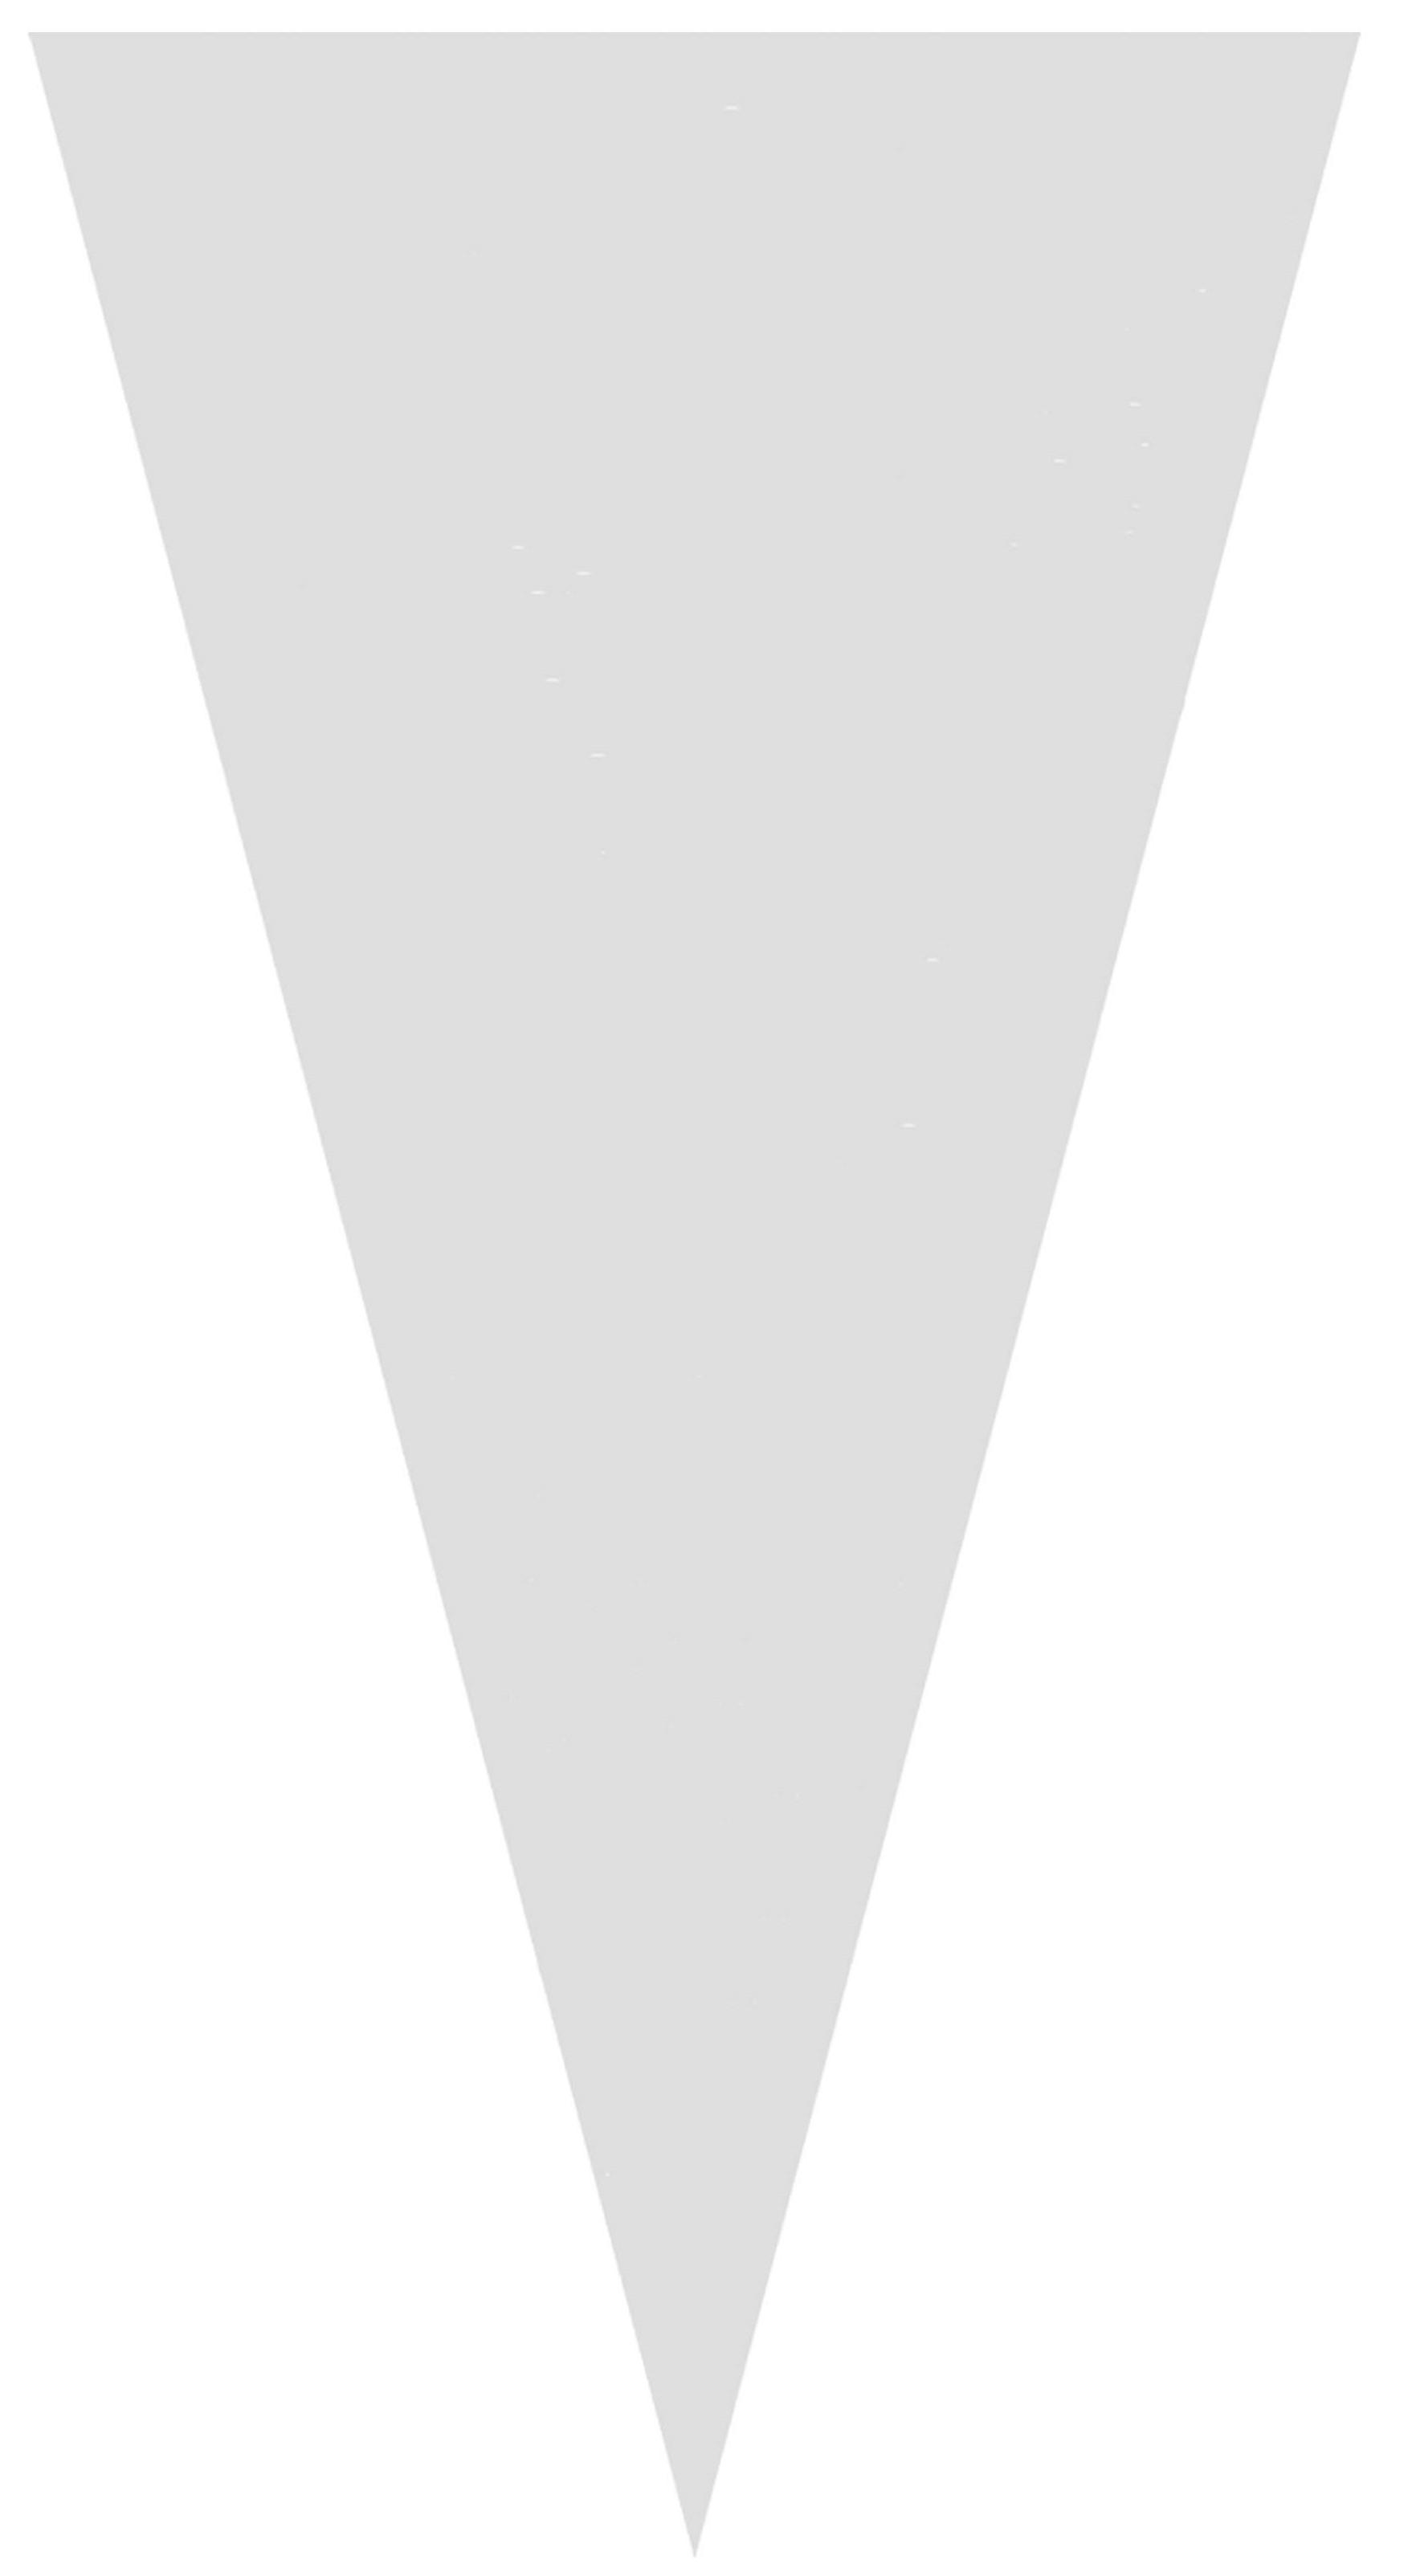 1529 Bolsa Cono 25X50 Transparente Image